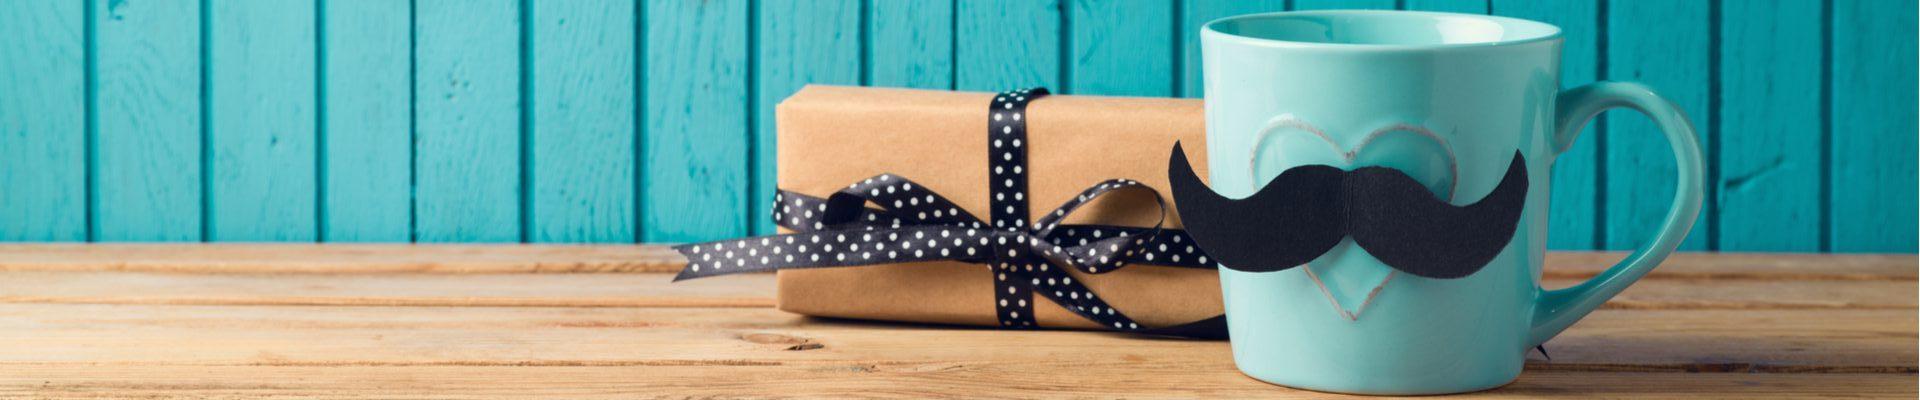 pacchetto regalo papà tazza baffi